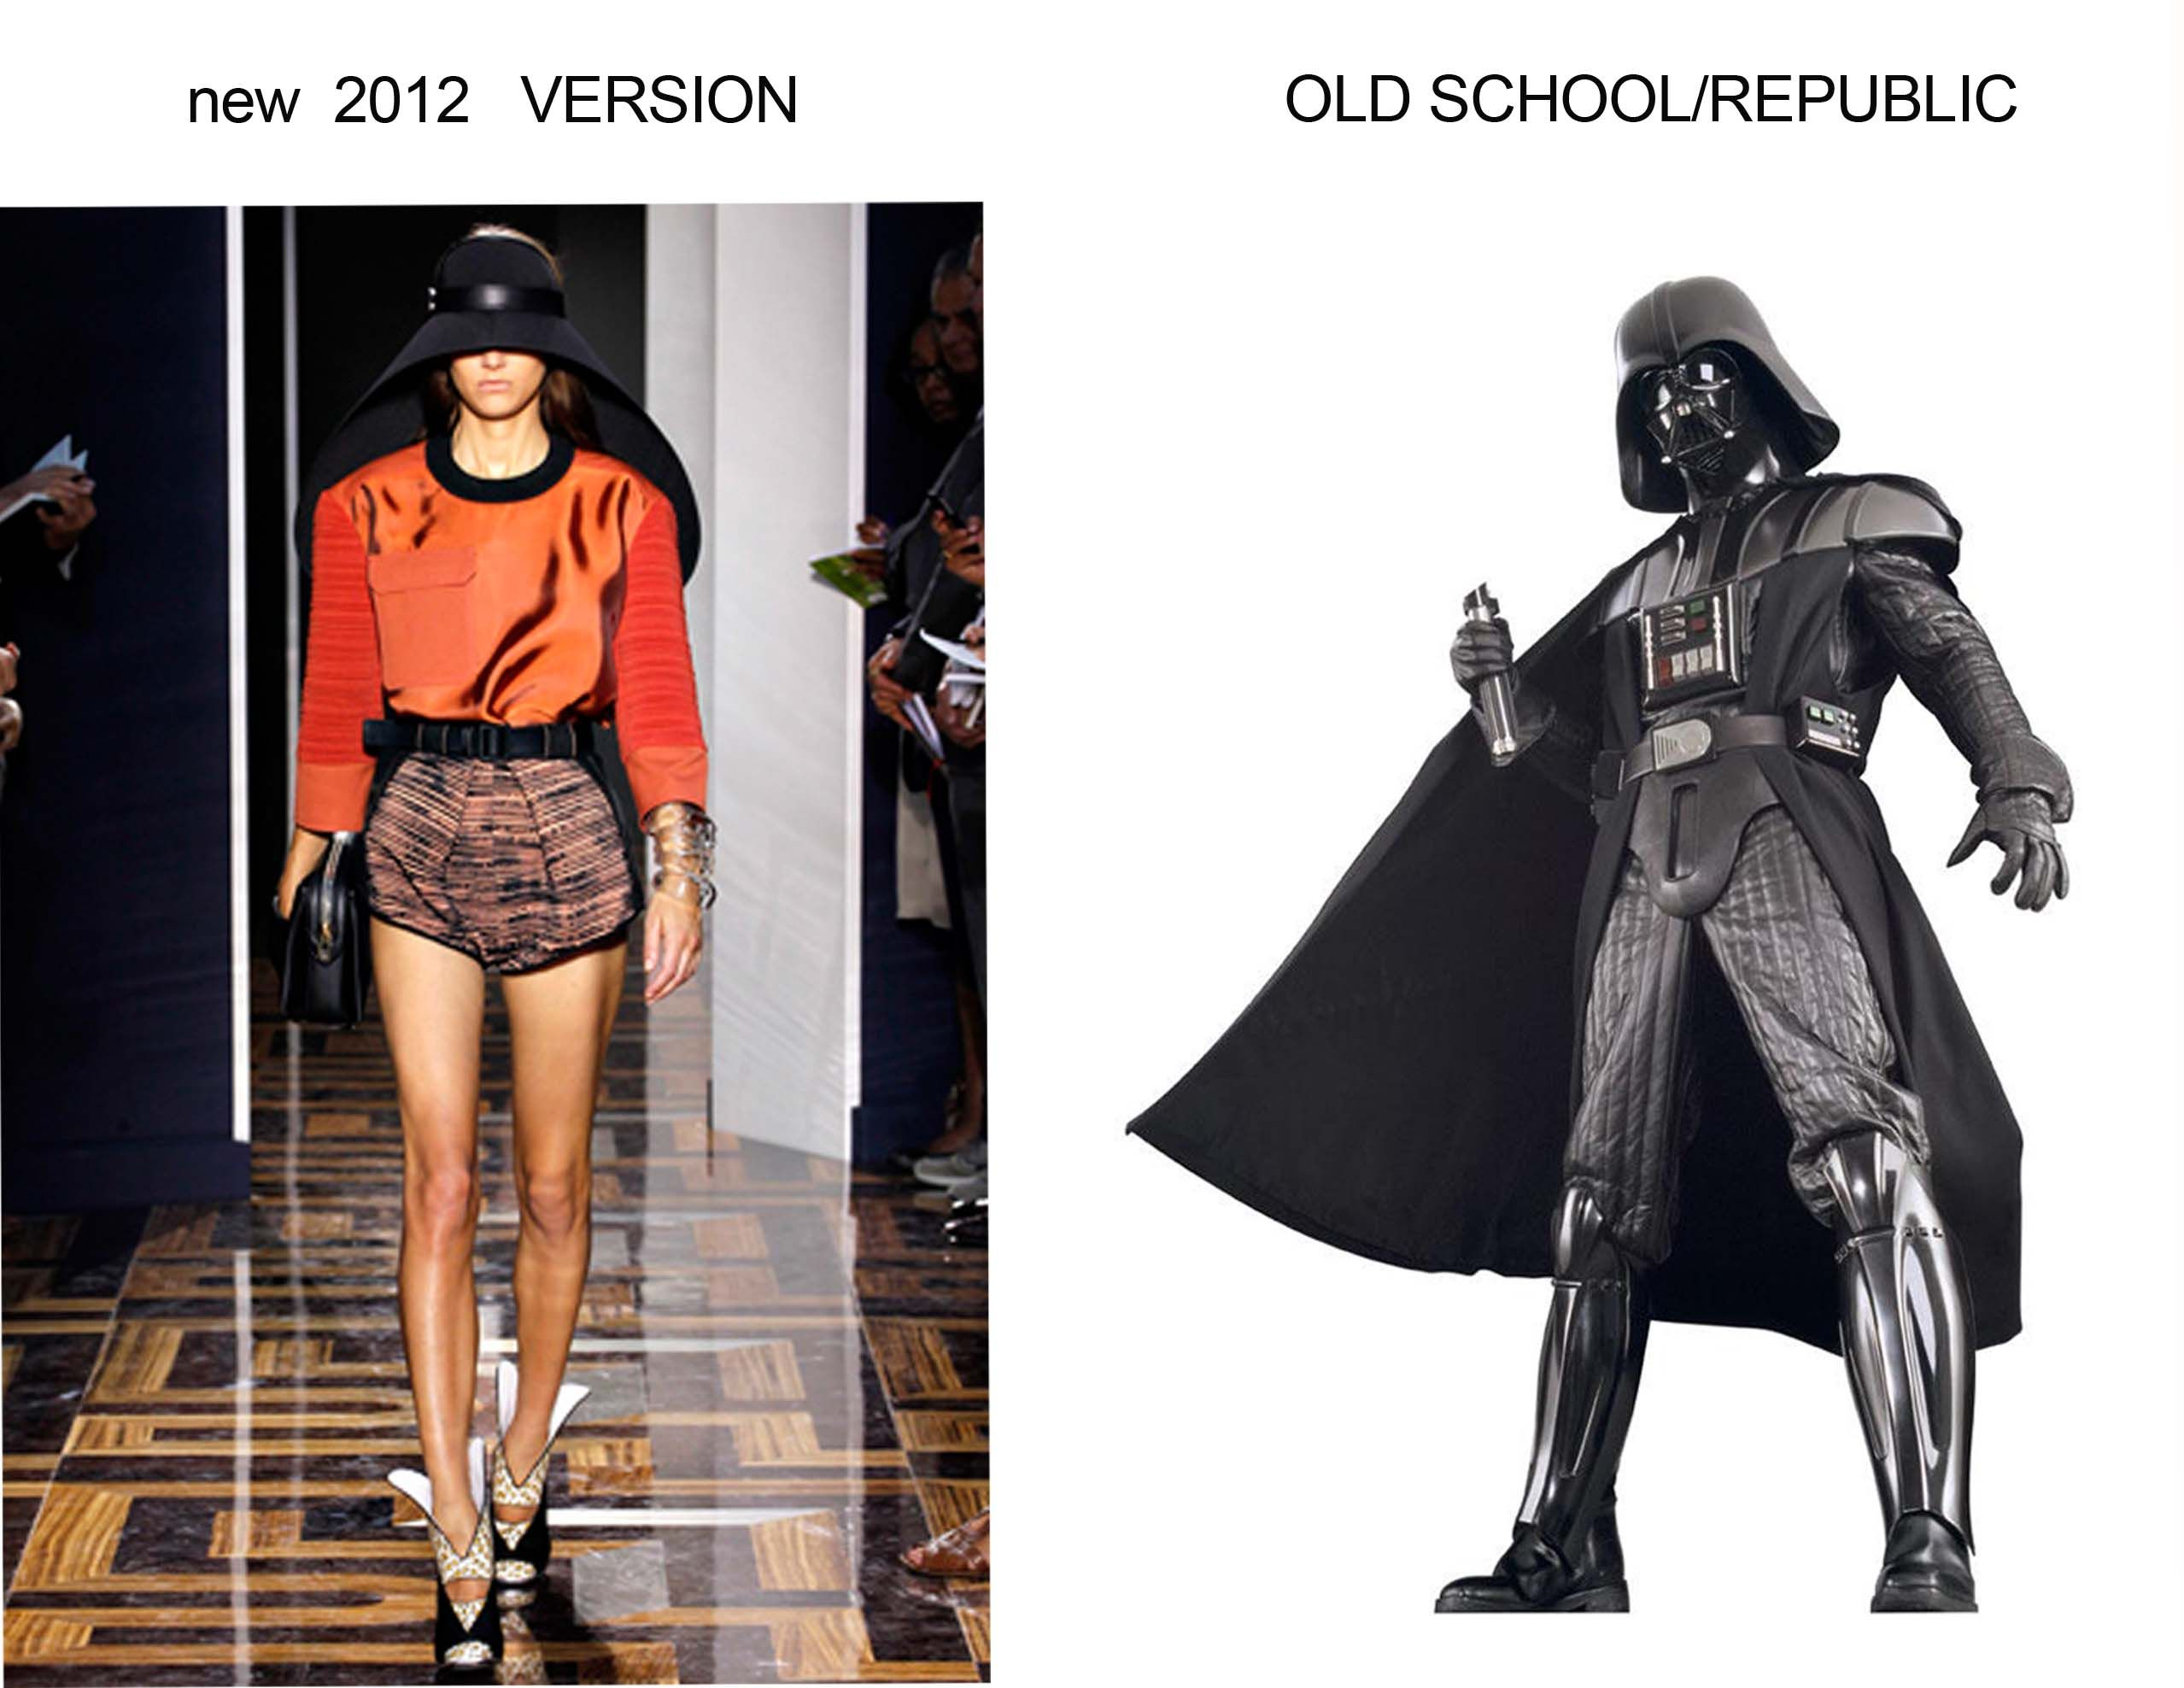 bcd46fa150a0 ... Star Wars He Wears It By John Woo: Star Wars Fashion - Google Search ...